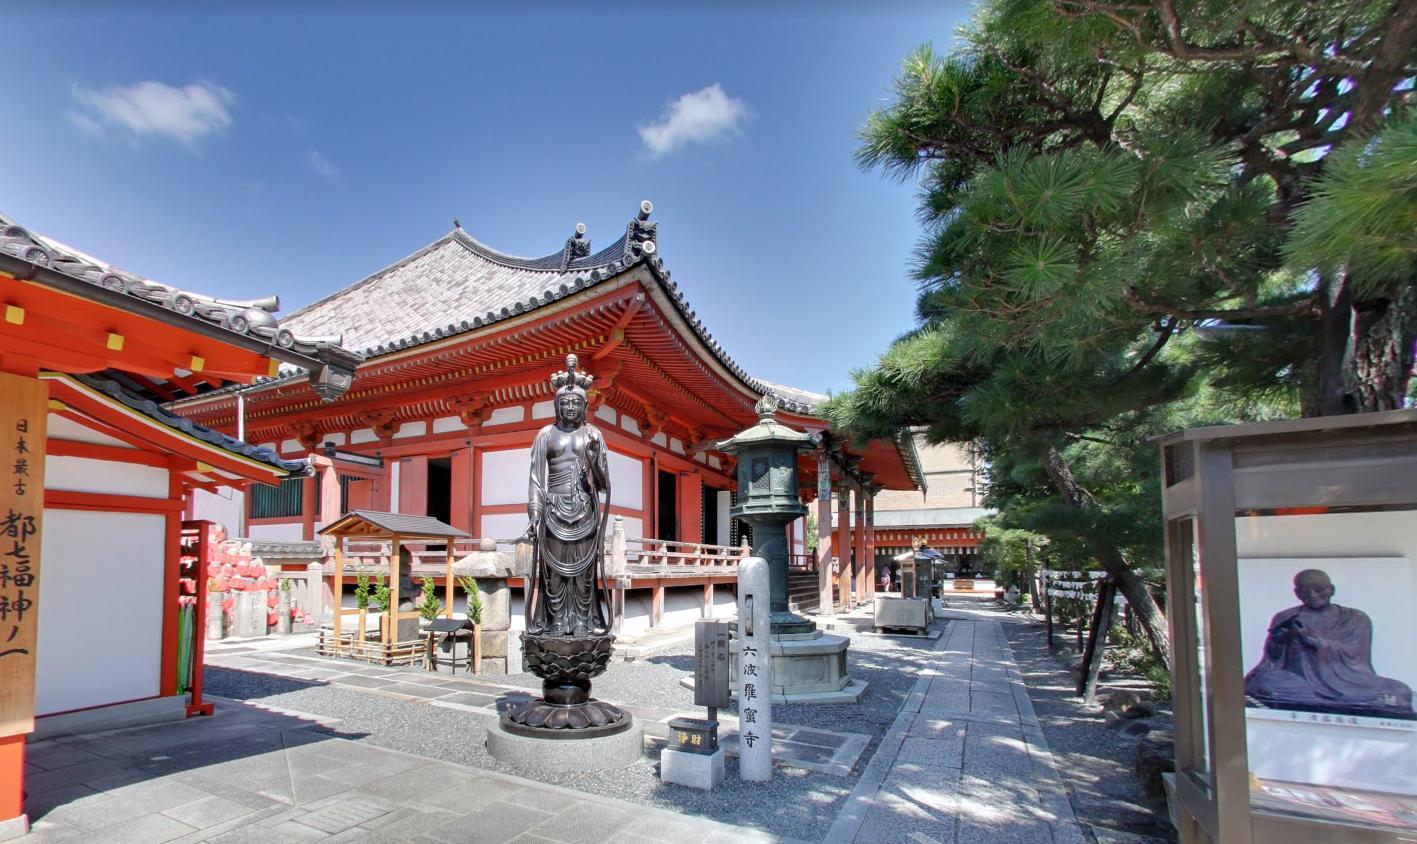 京都の占いのお寺 六波羅蜜寺